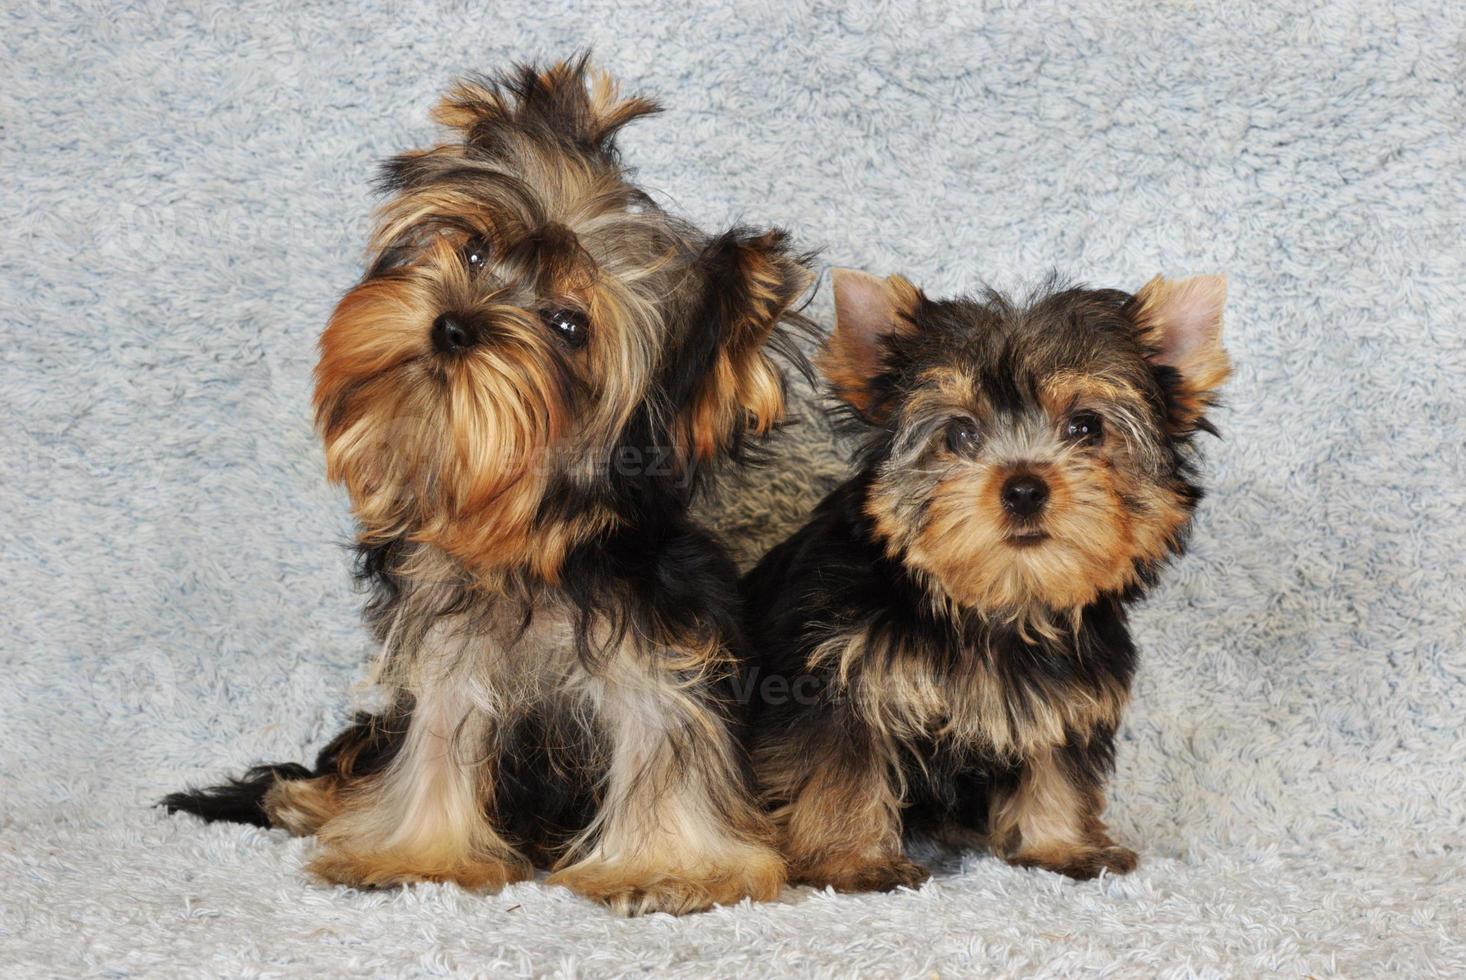 deux chiots yorkshire terrier photo